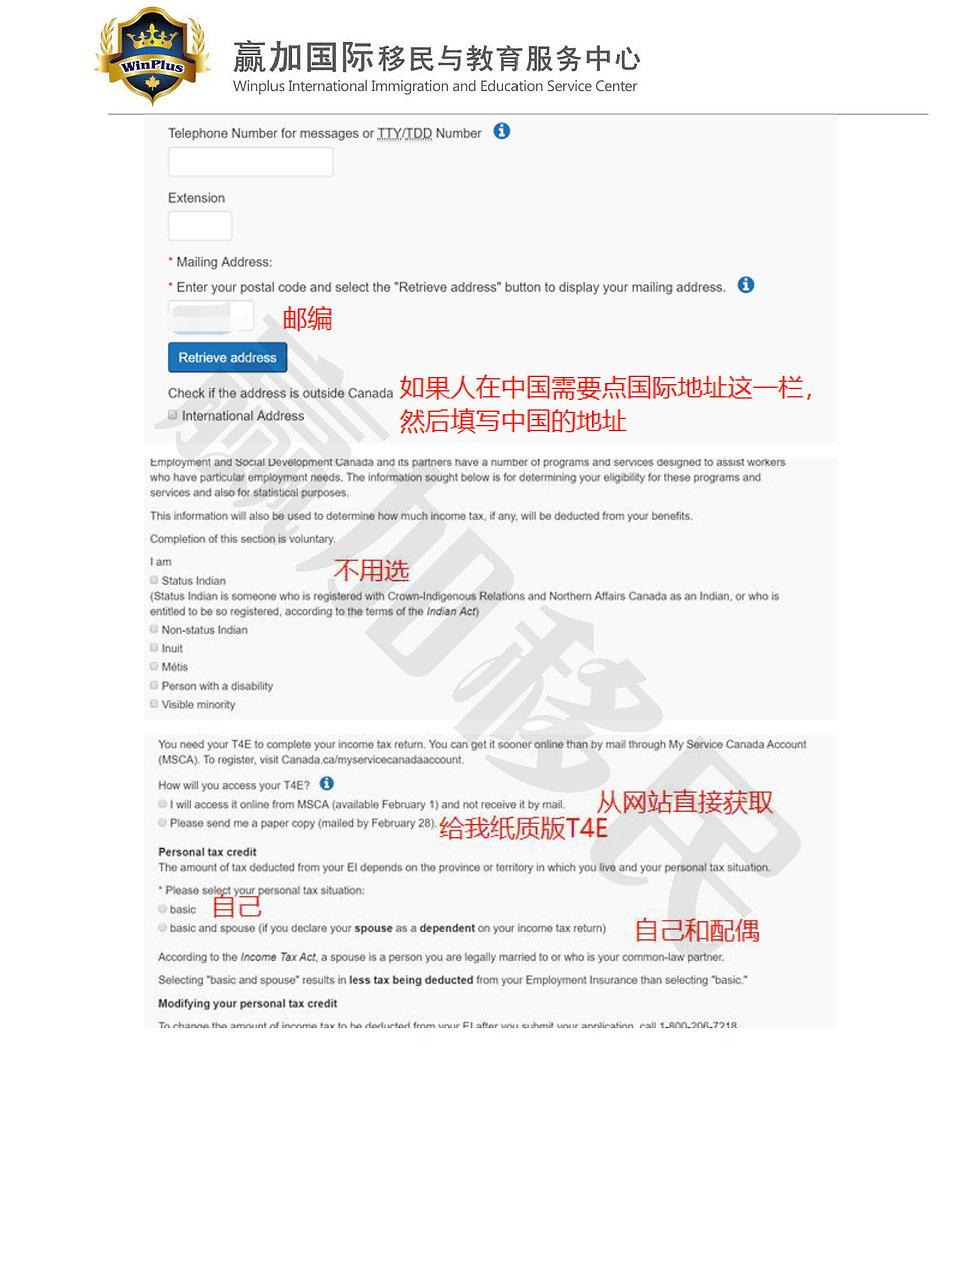 EI申请流程_Page_04.jpg